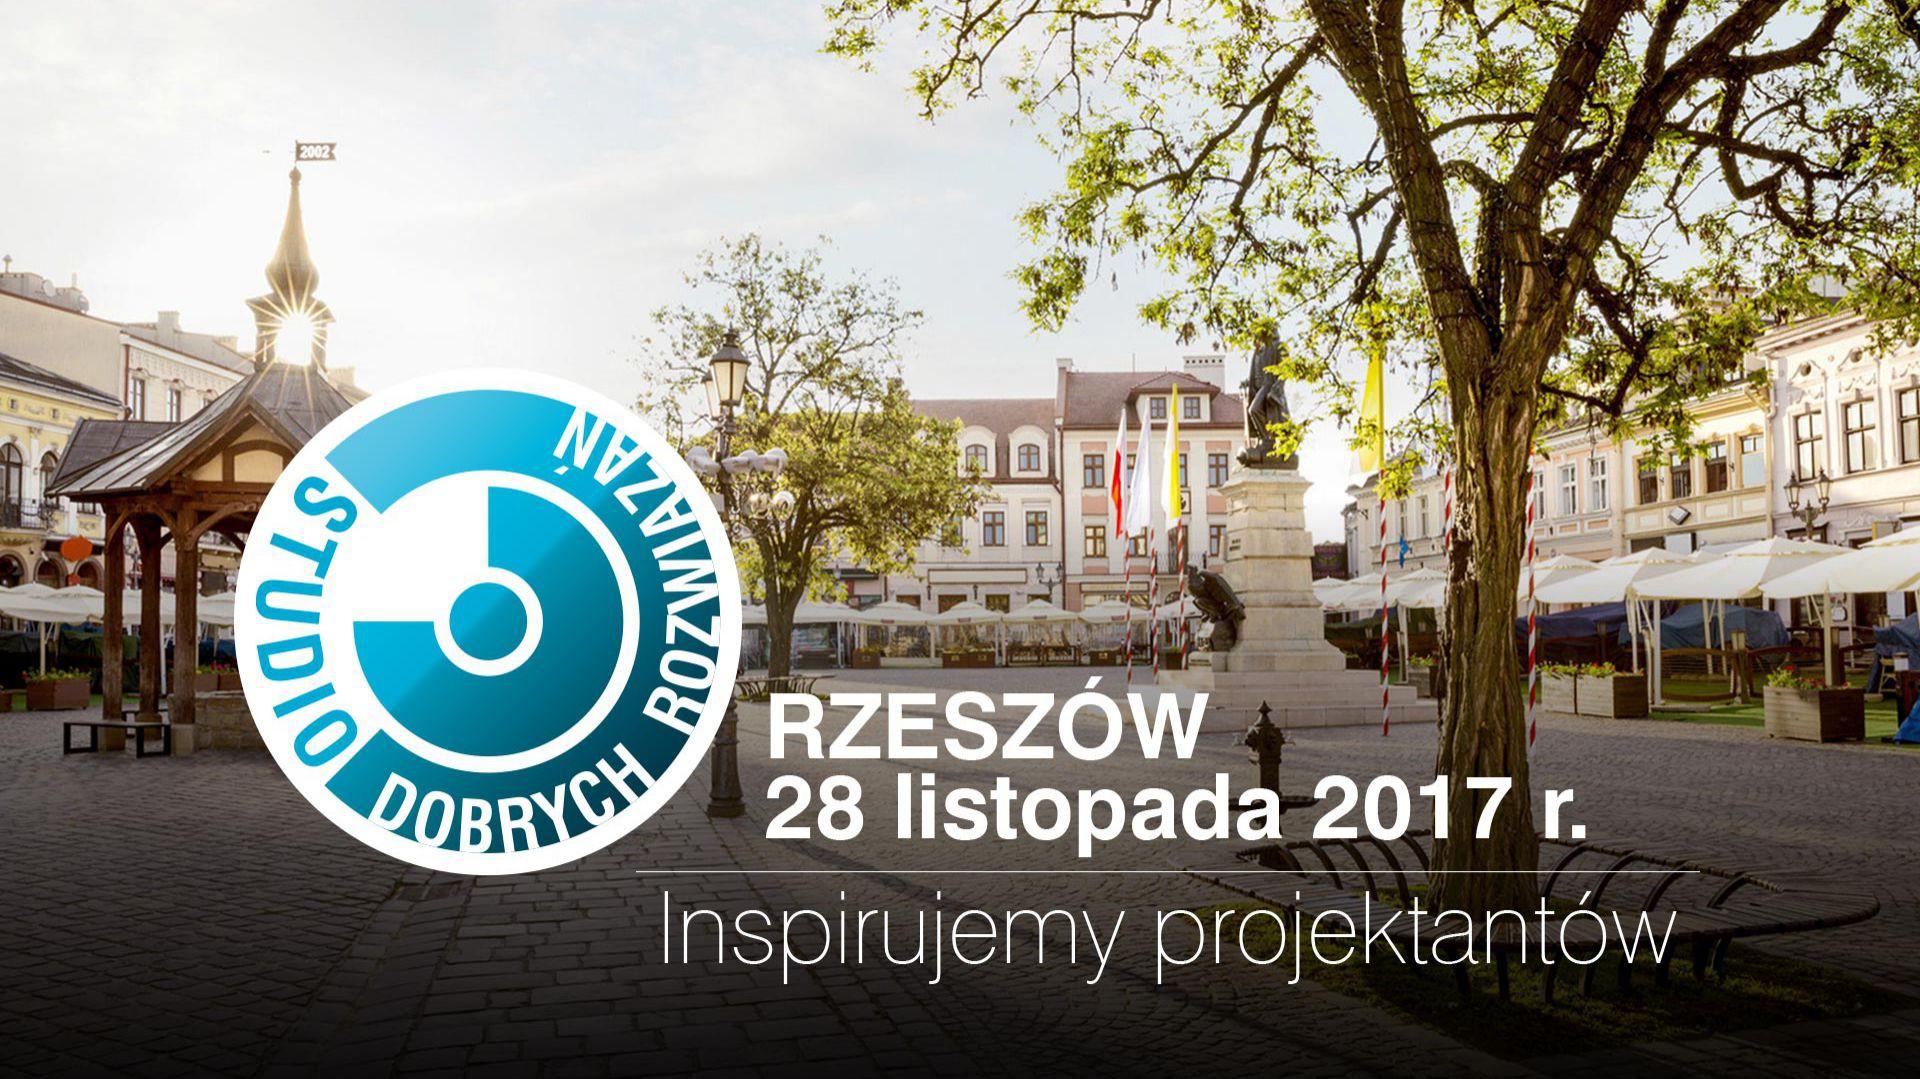 Studio Dobrych Rozwiązań w Rzeszowie odbędzie się 28 listopada 2017 roku.